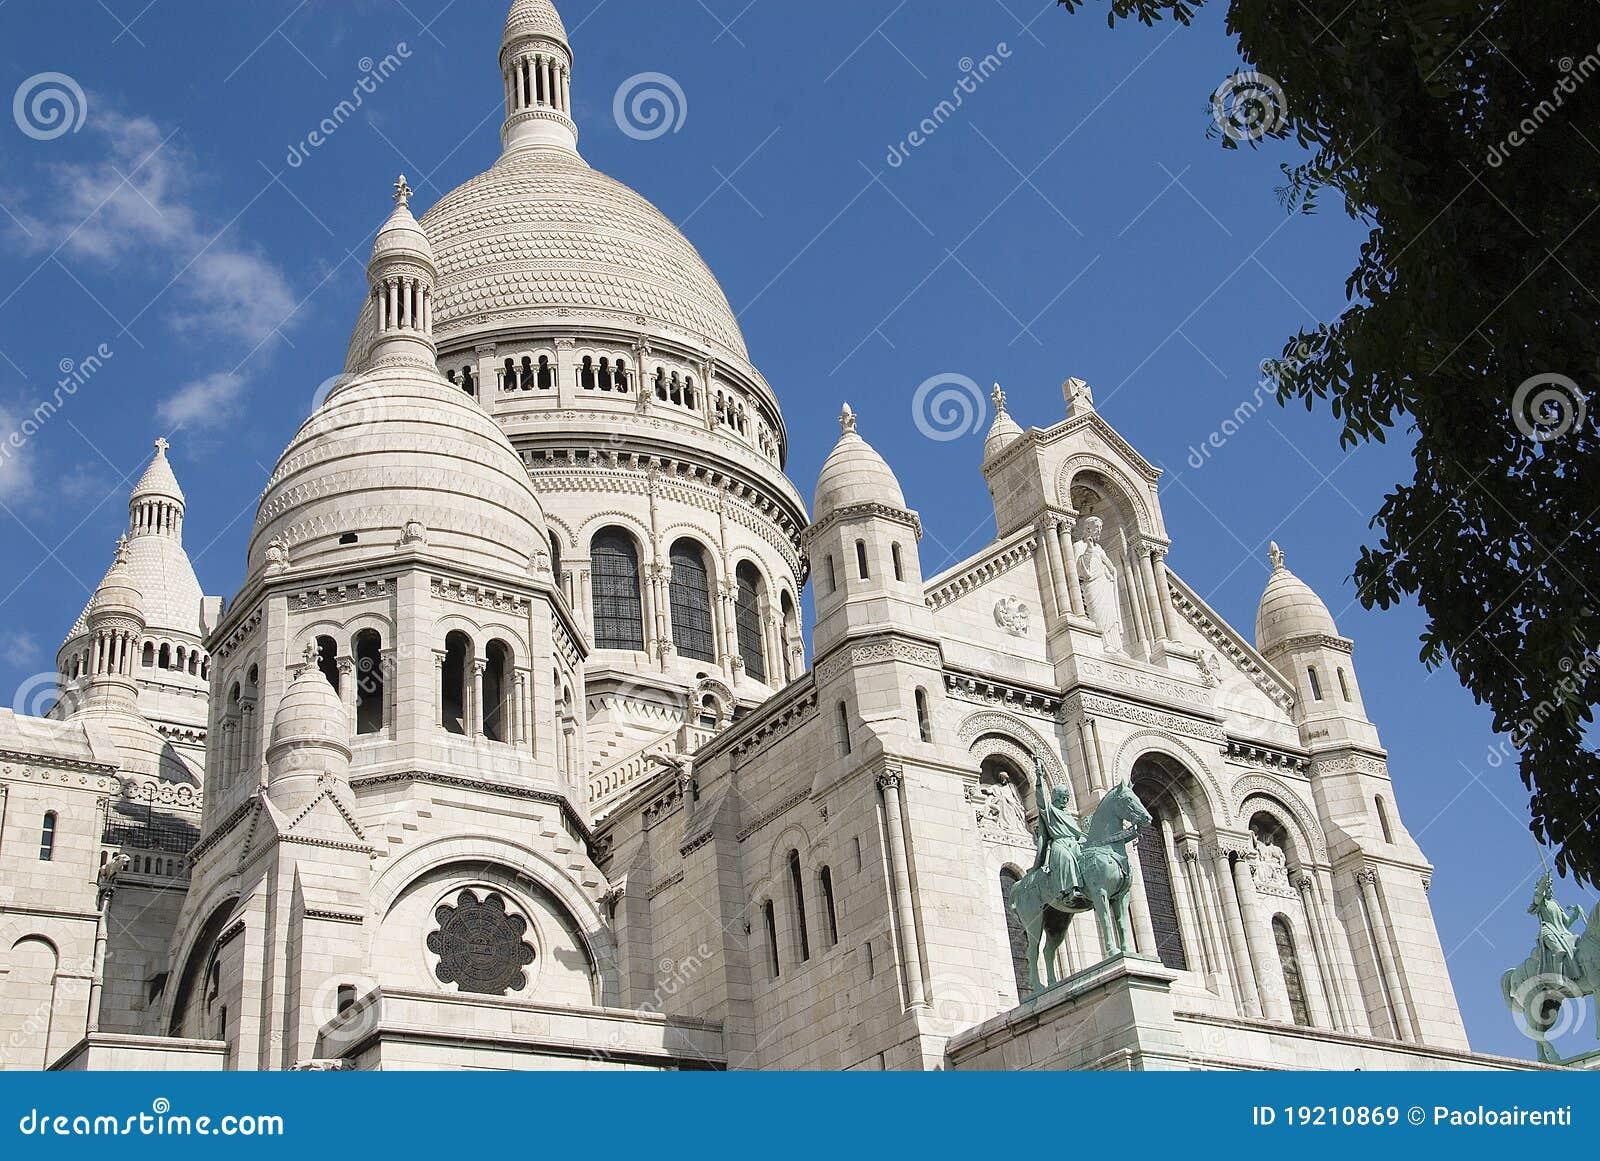 Paris Sacre Coeur Montmartre Stock Image Image Of City